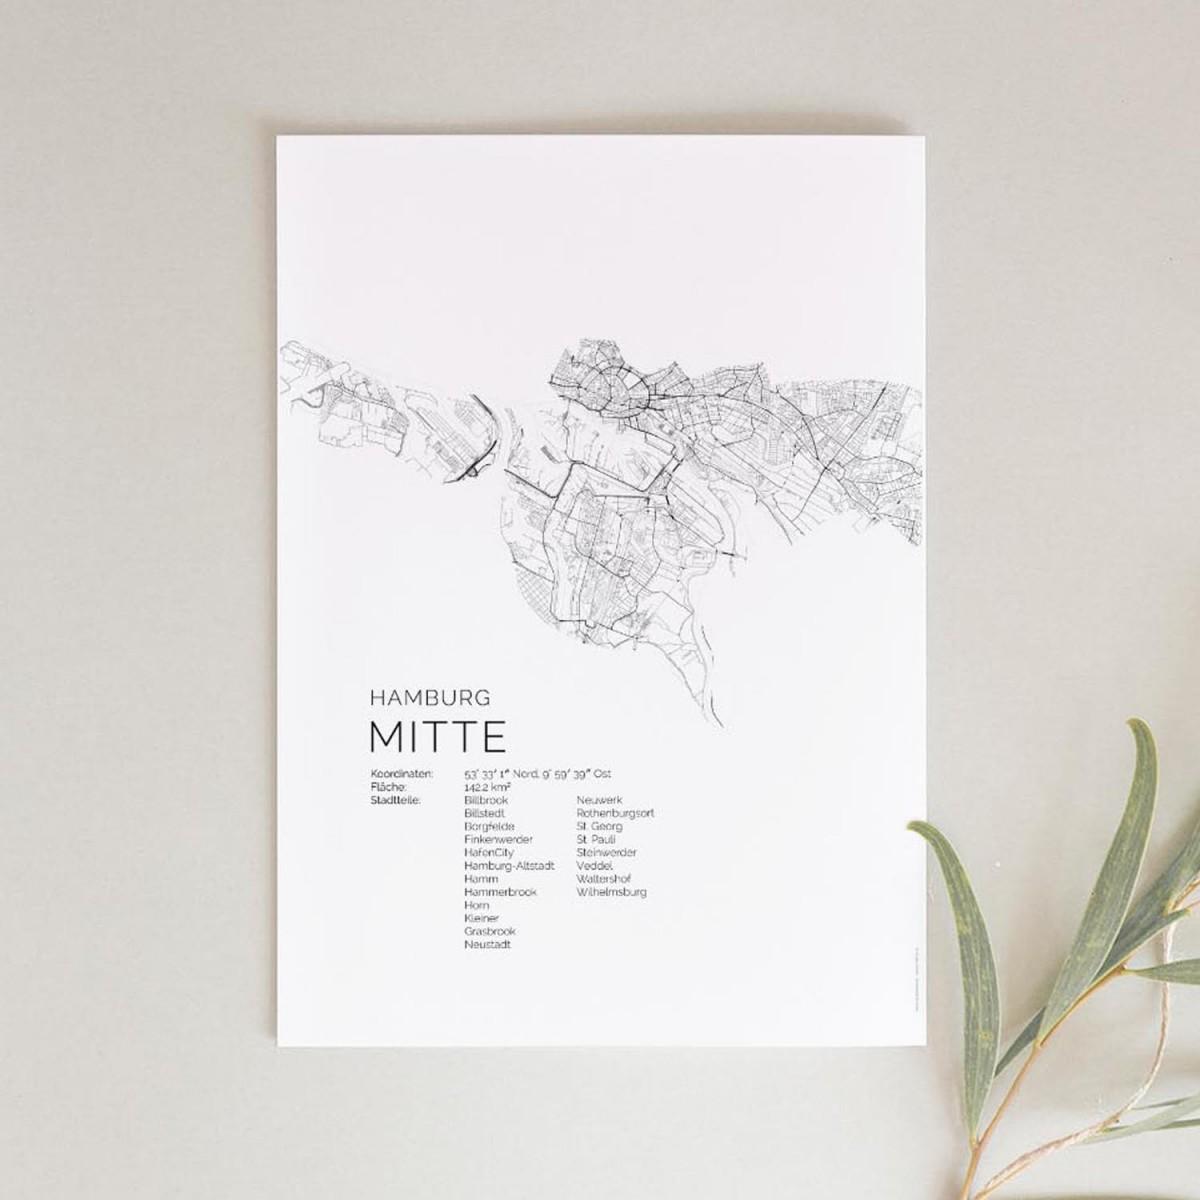 Hamburg Mitte Karte als hochwertiger Print - Posterdruck im skandinavischen Stil von Skanemarie